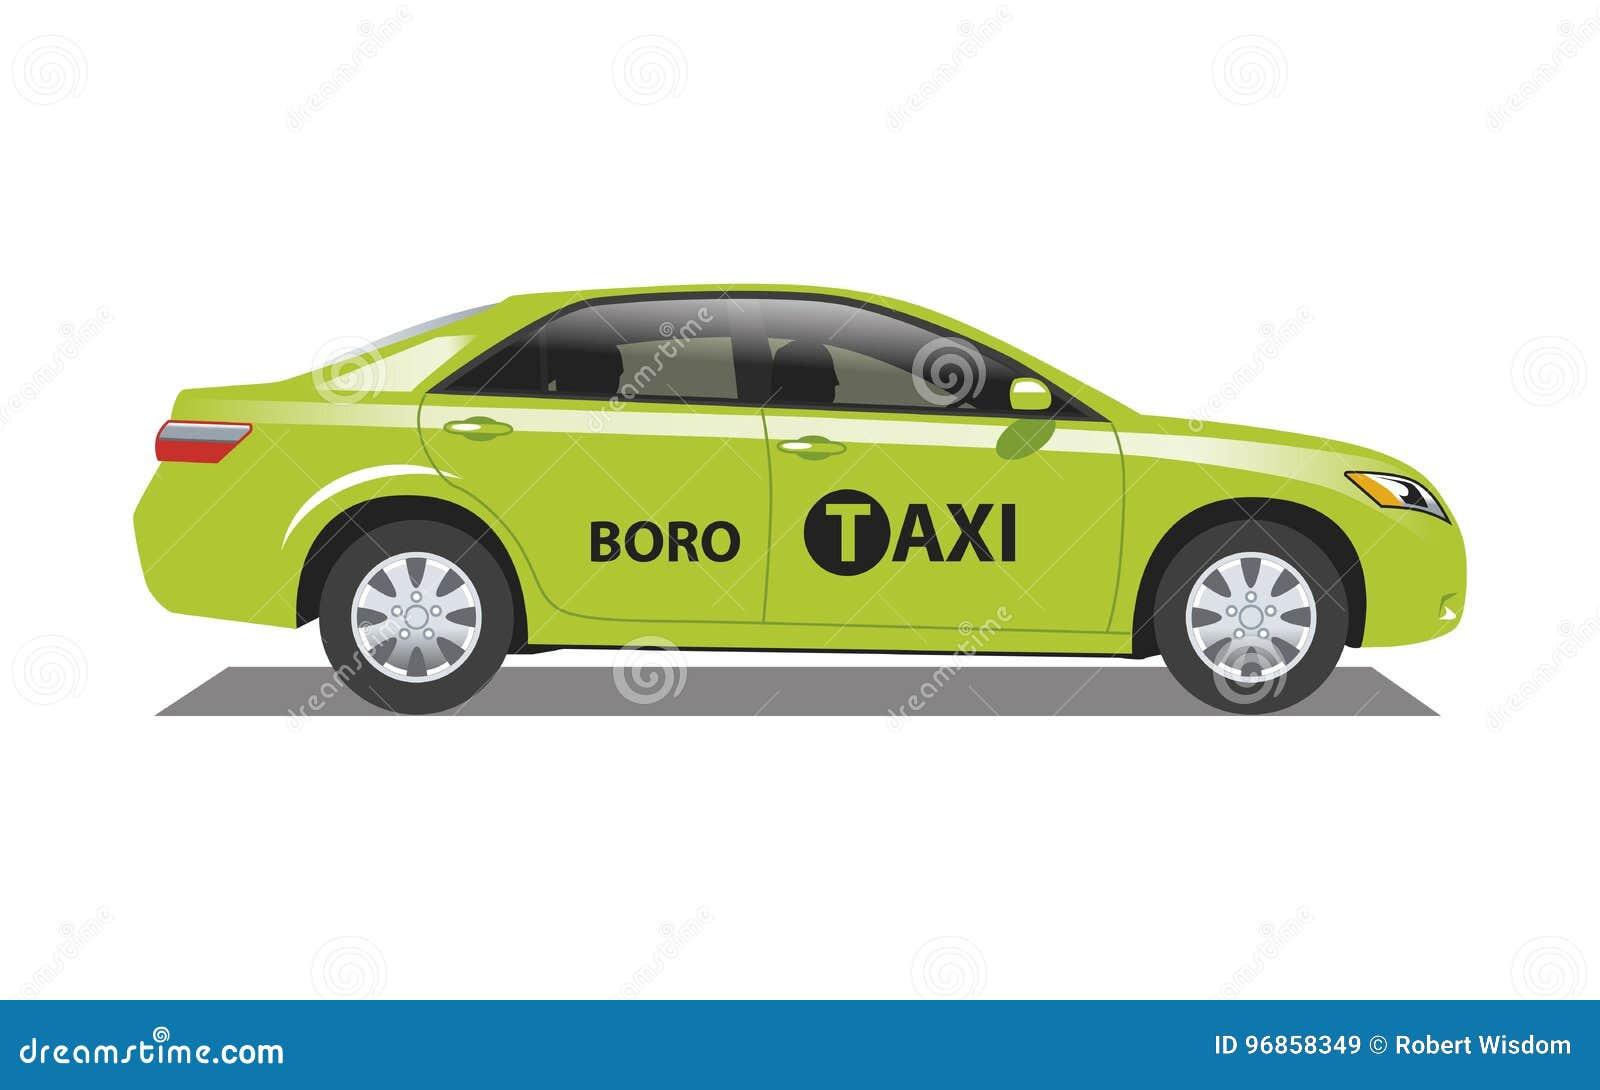 Taxi Boro de New York